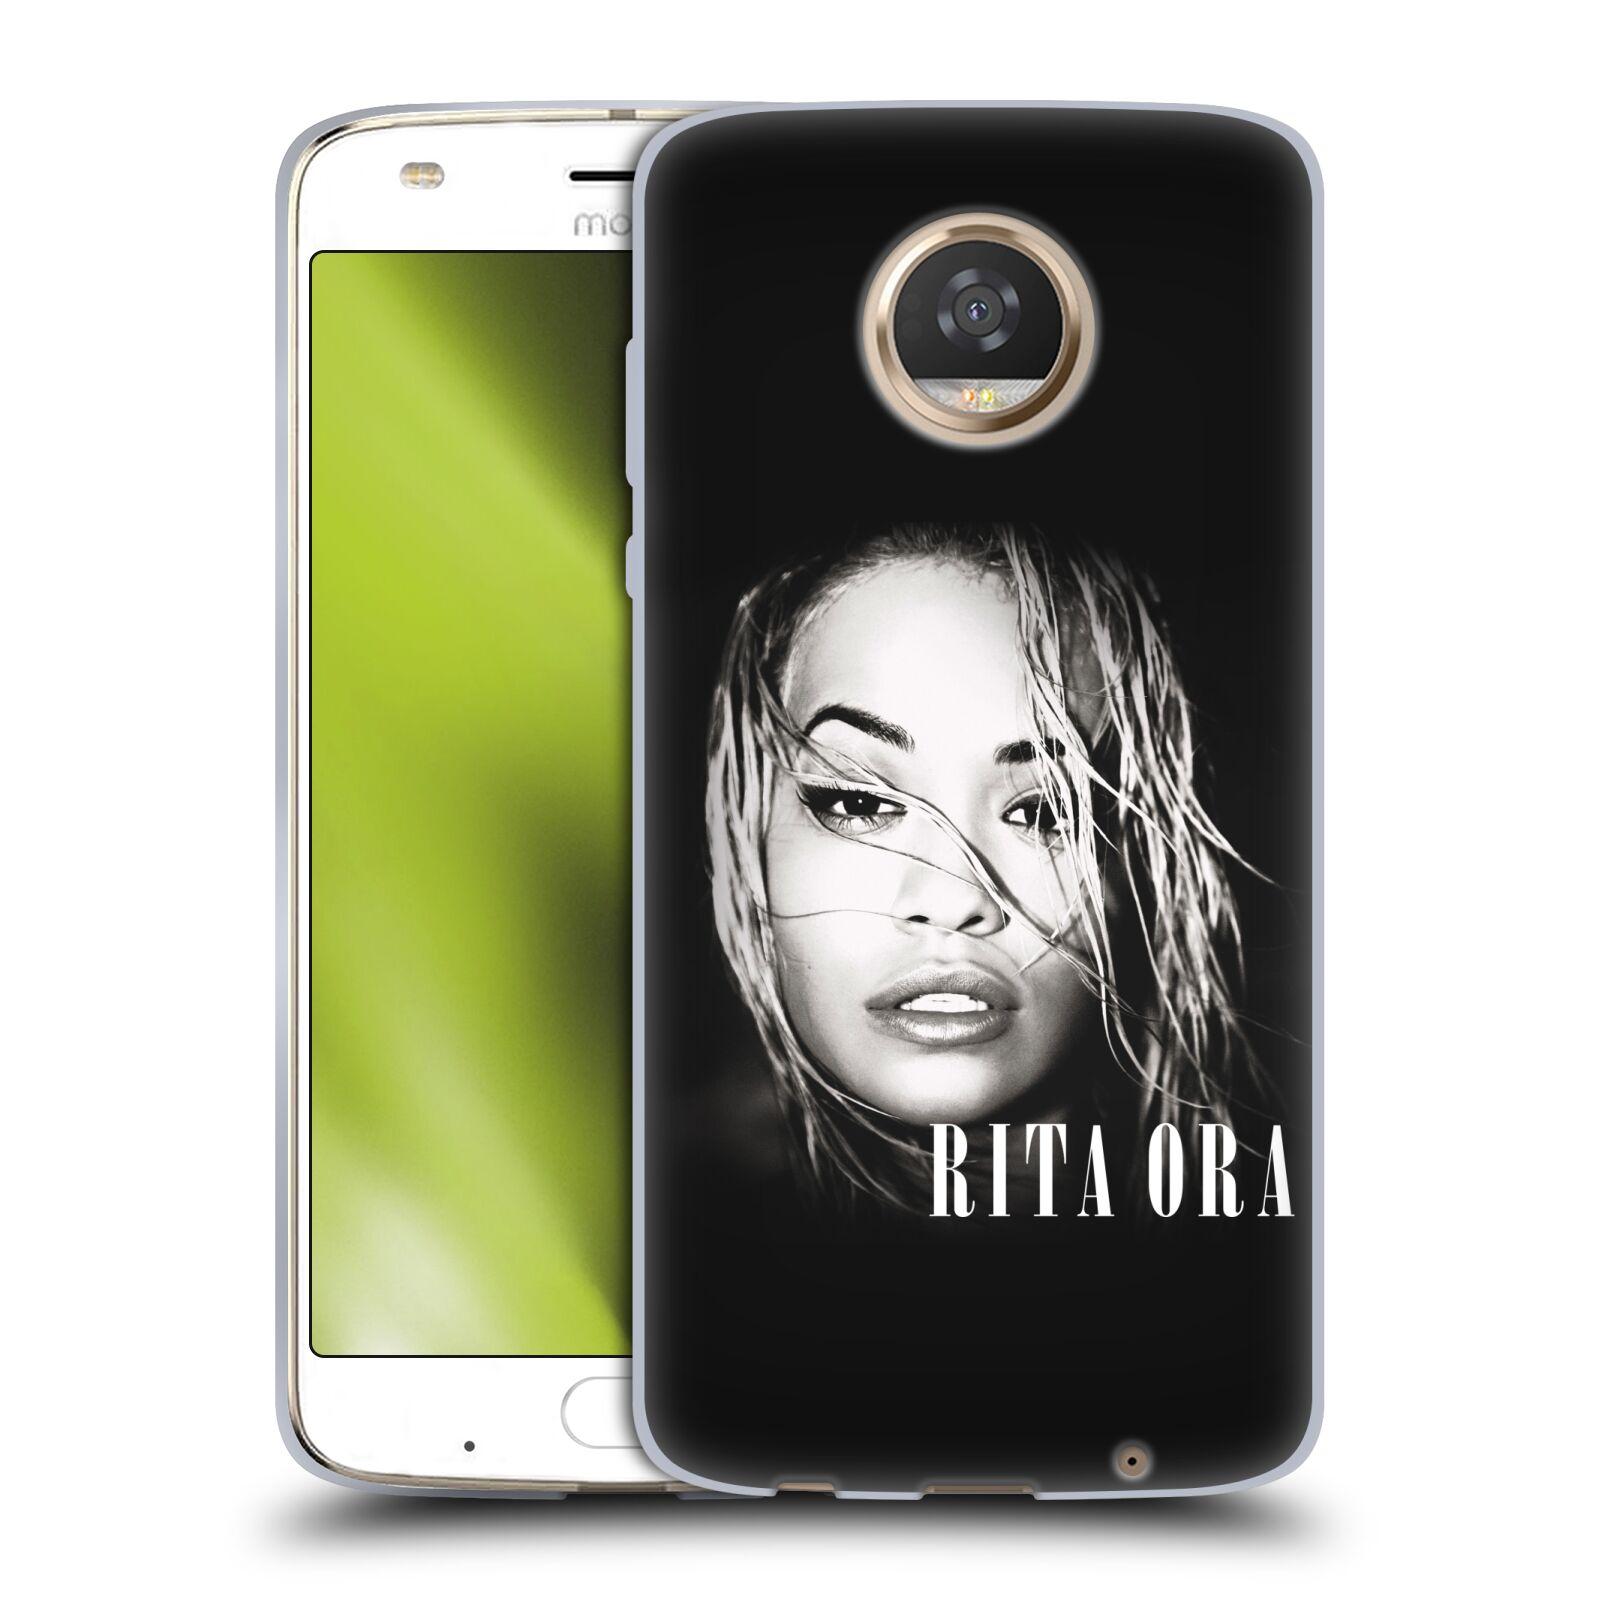 HEAD CASE silikonový obal na mobil Motorola Moto Z2 PLAY zpěvačka Rita Ora foto tvář